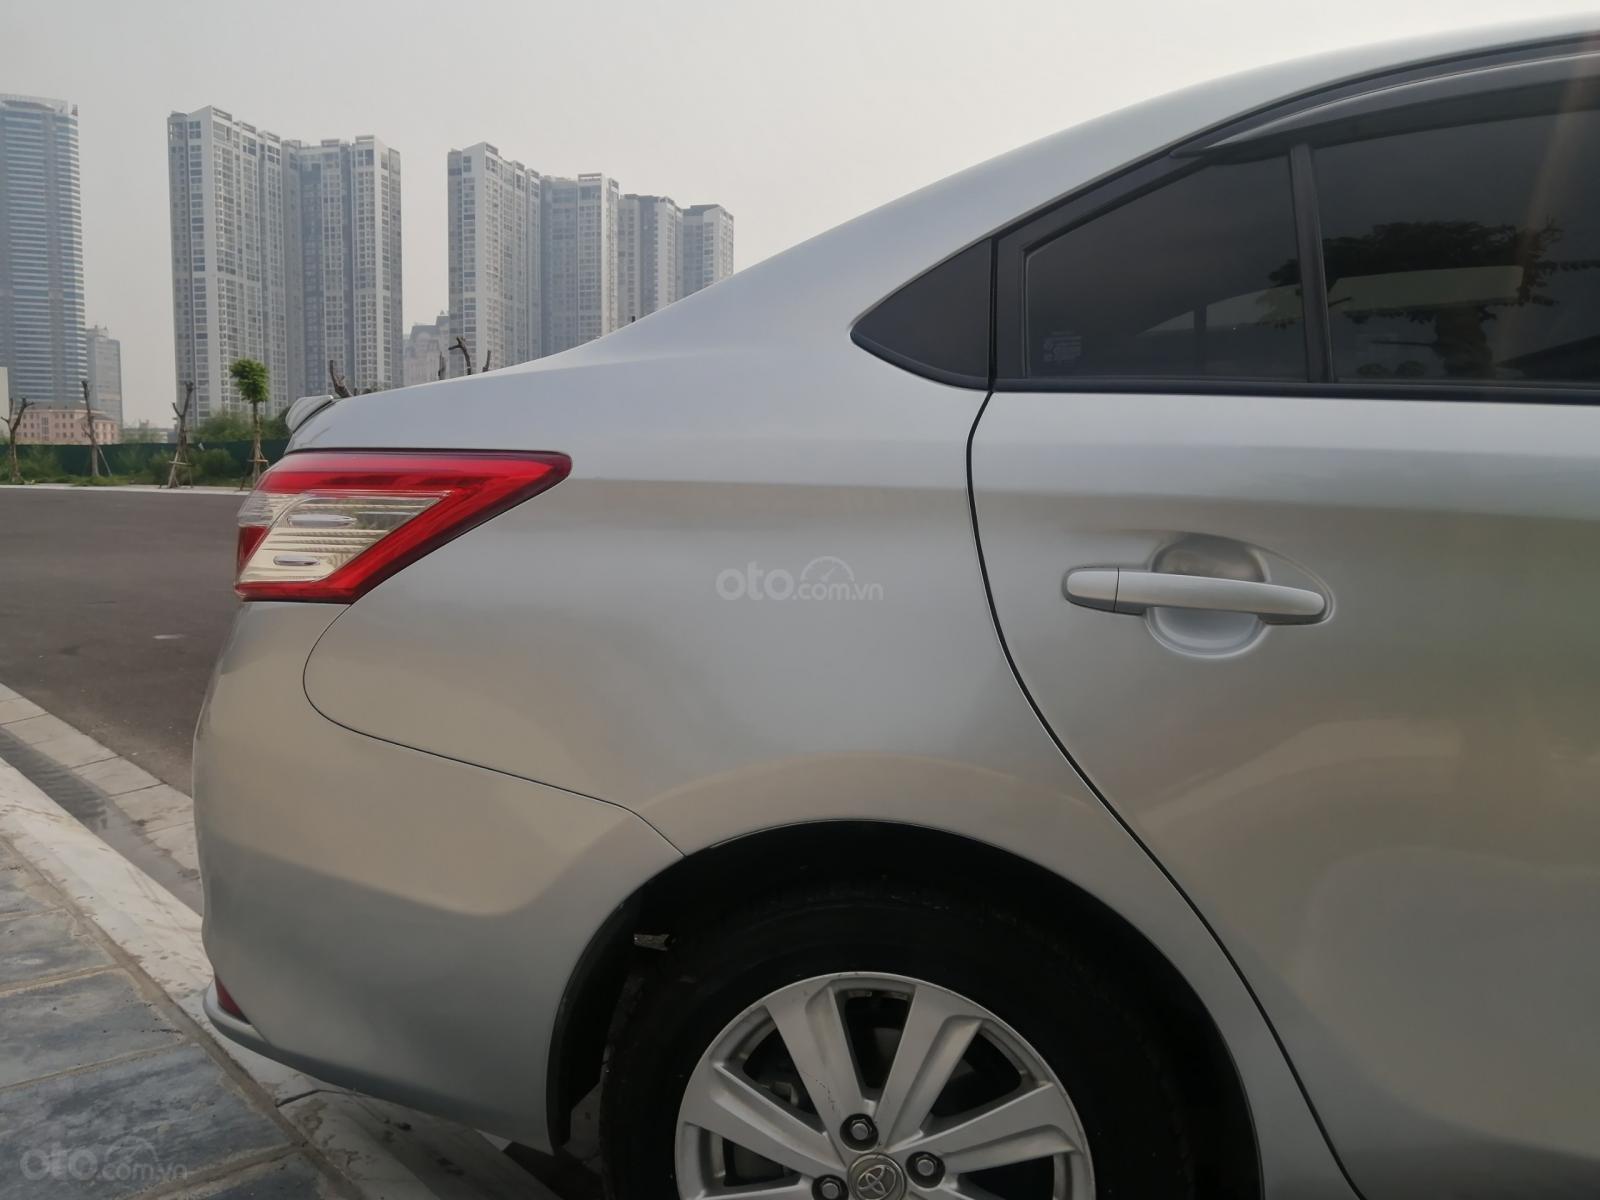 Toyota Mỹ Đình - trung tâm xe đã qua sử dụng - cần bán Toyota Vios đời 2014, 419tr (8)